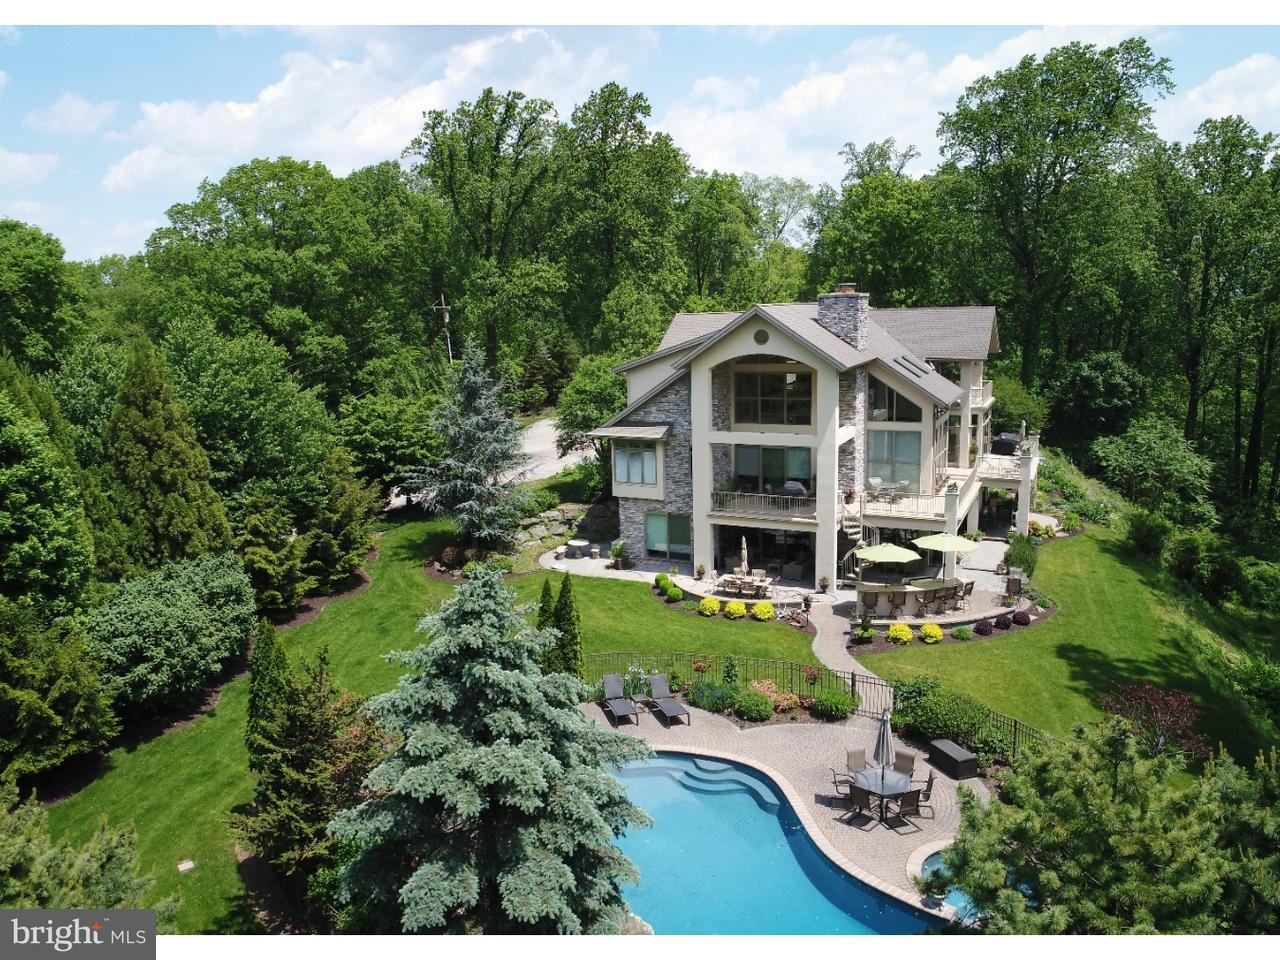 独户住宅 为 销售 在 601 PAXINOSA RD E 伊斯顿, 宾夕法尼亚州 18040 美国在/周边: Forks Township